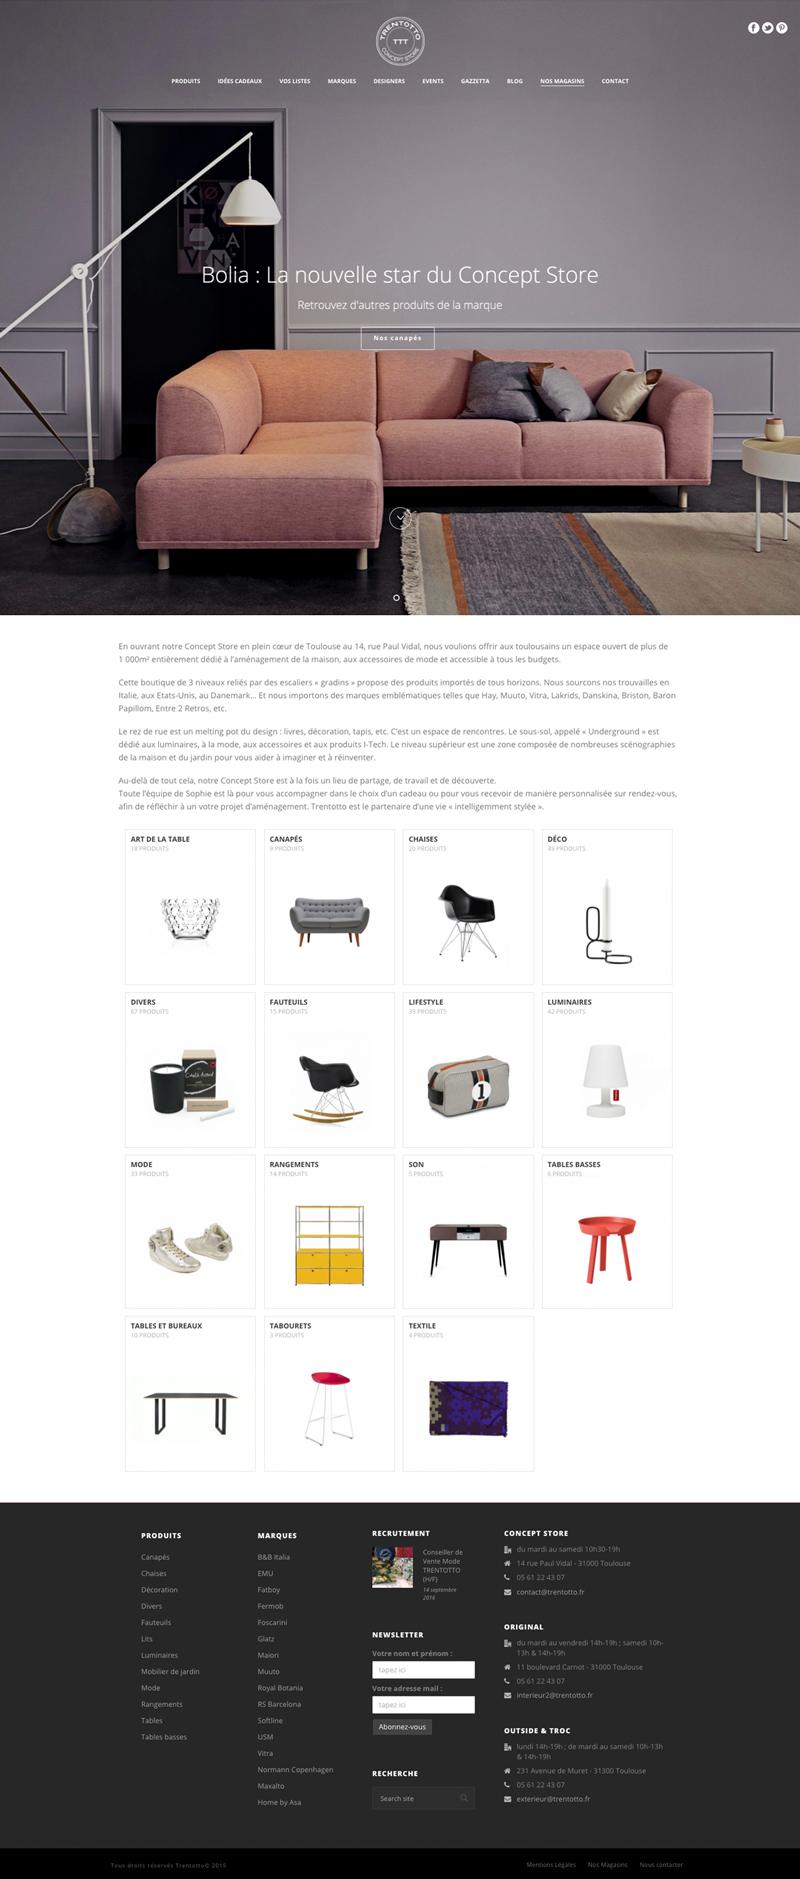 site-internet-boutique-catalogue-mobilier-design-italien-retro-trentotto-autograff-graphiste-freelance-toulouse-page